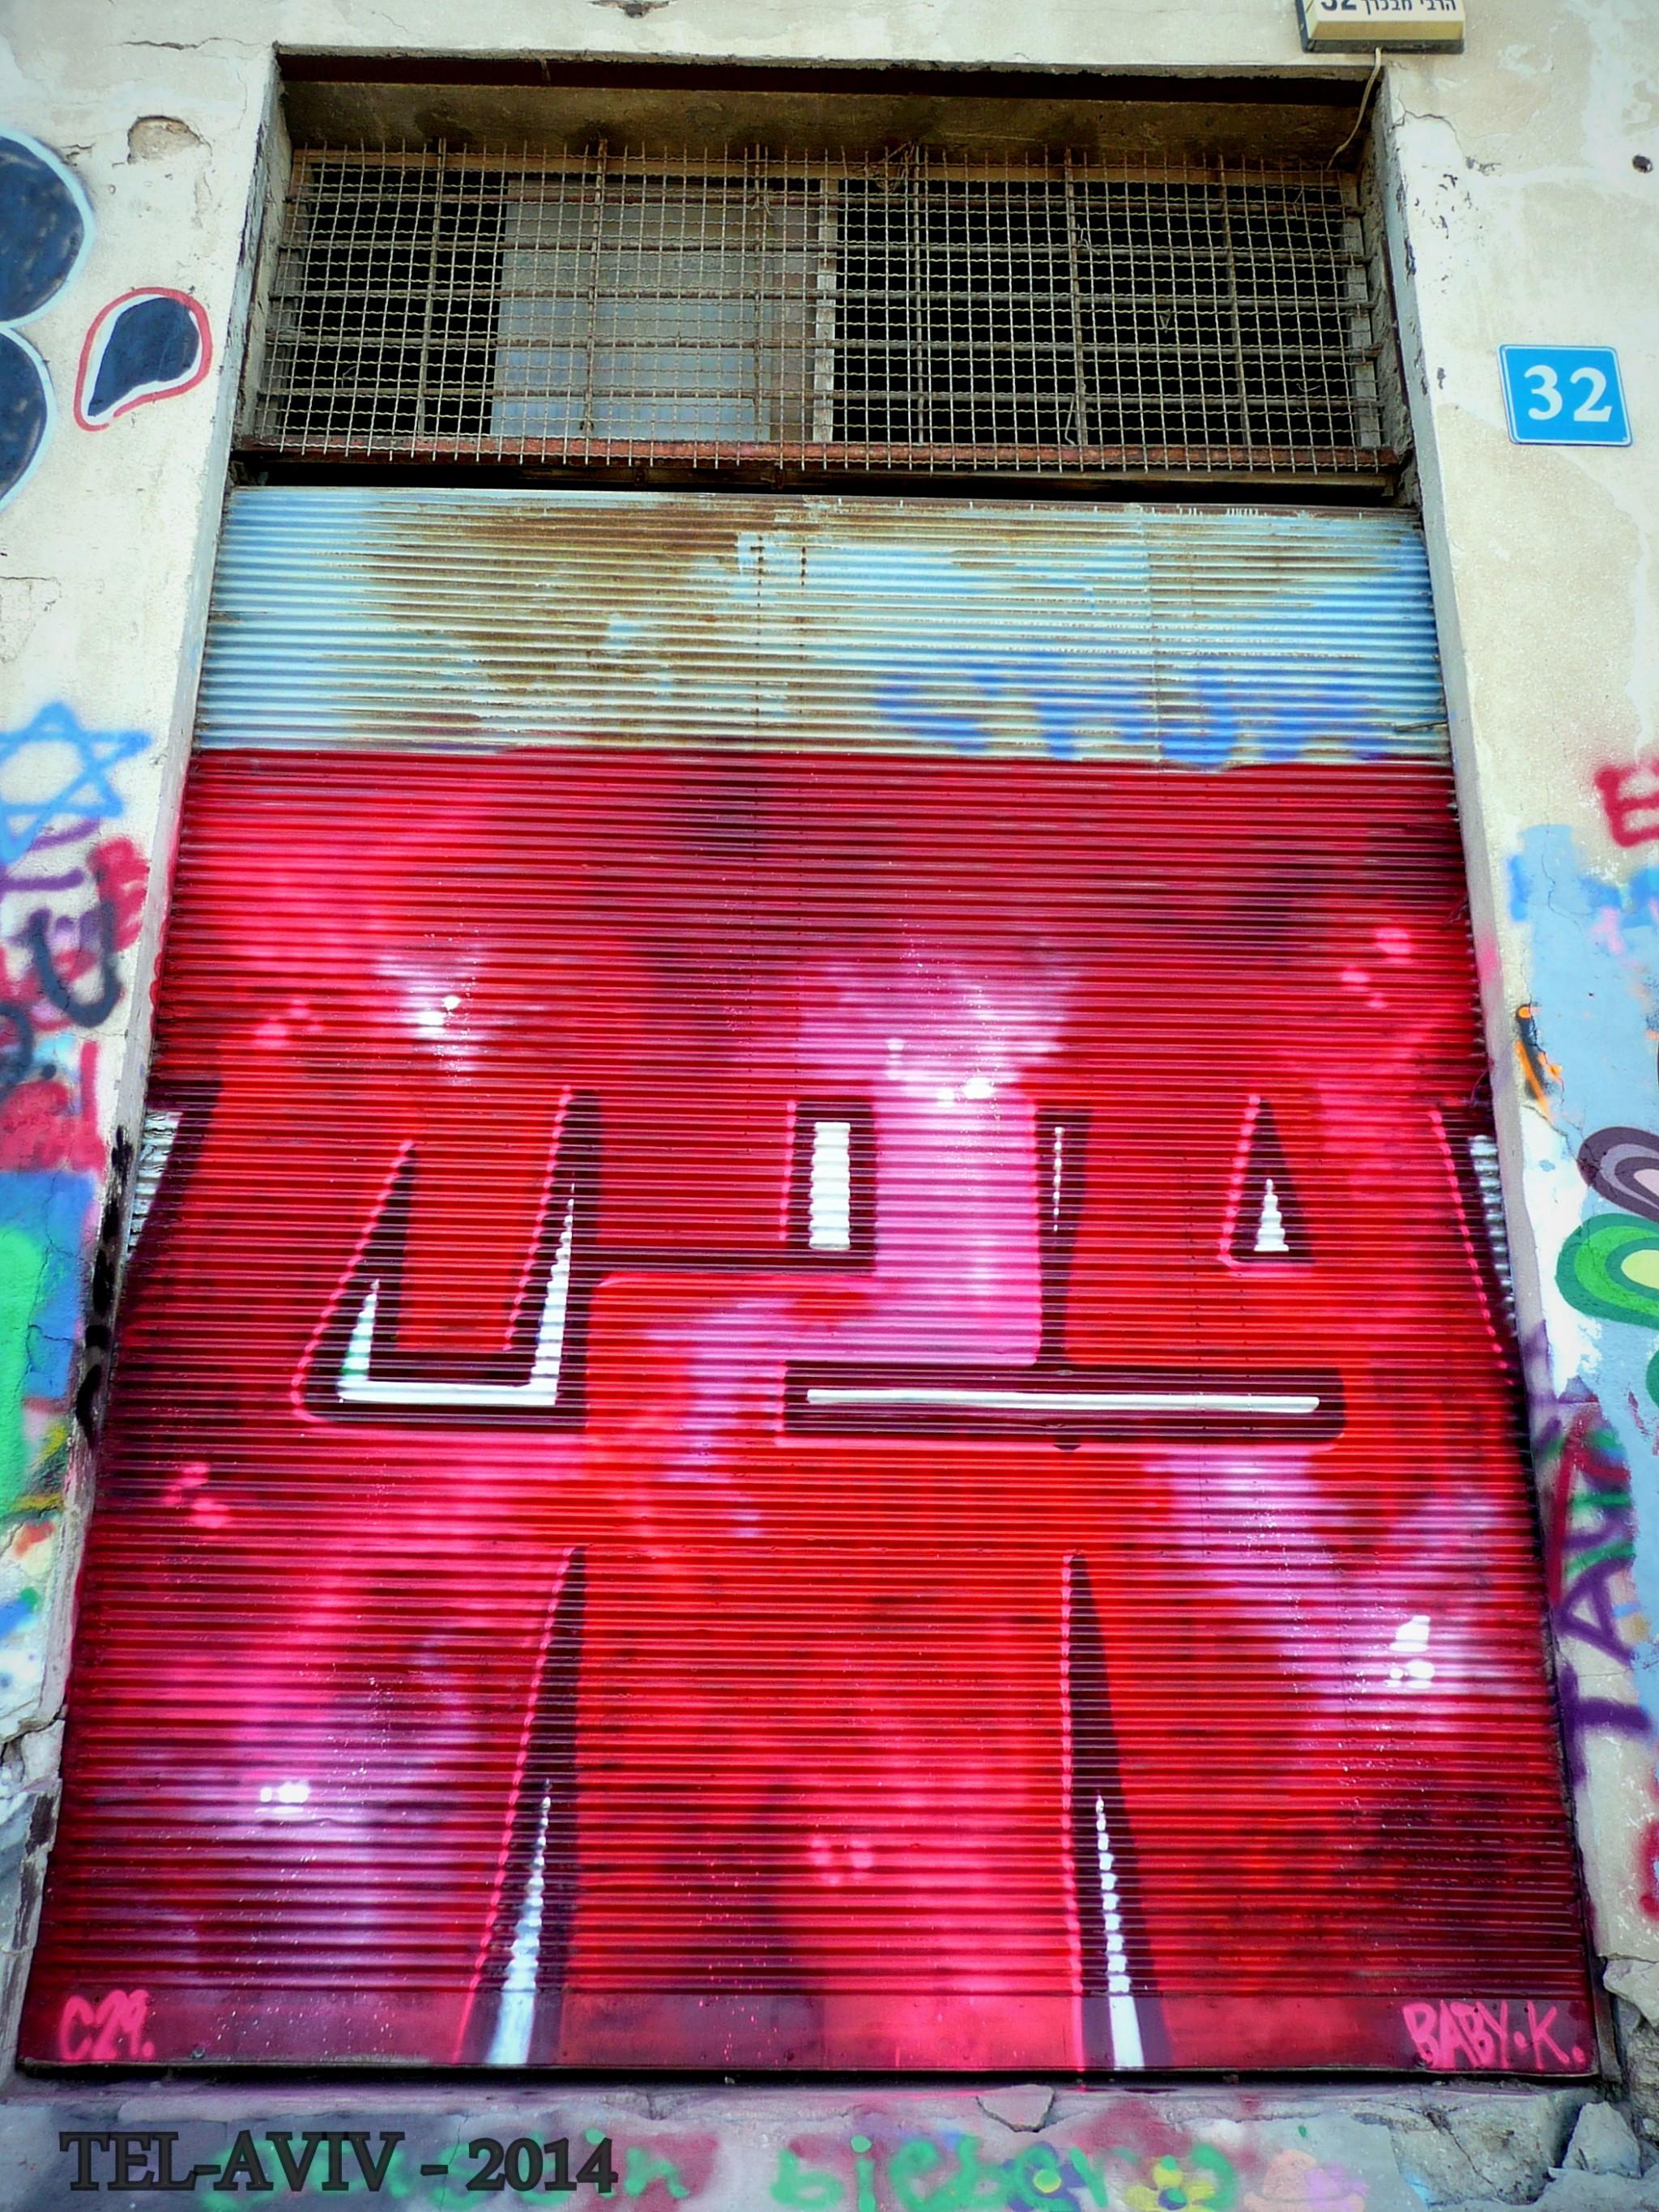 C29. Tel-Aviv 2014